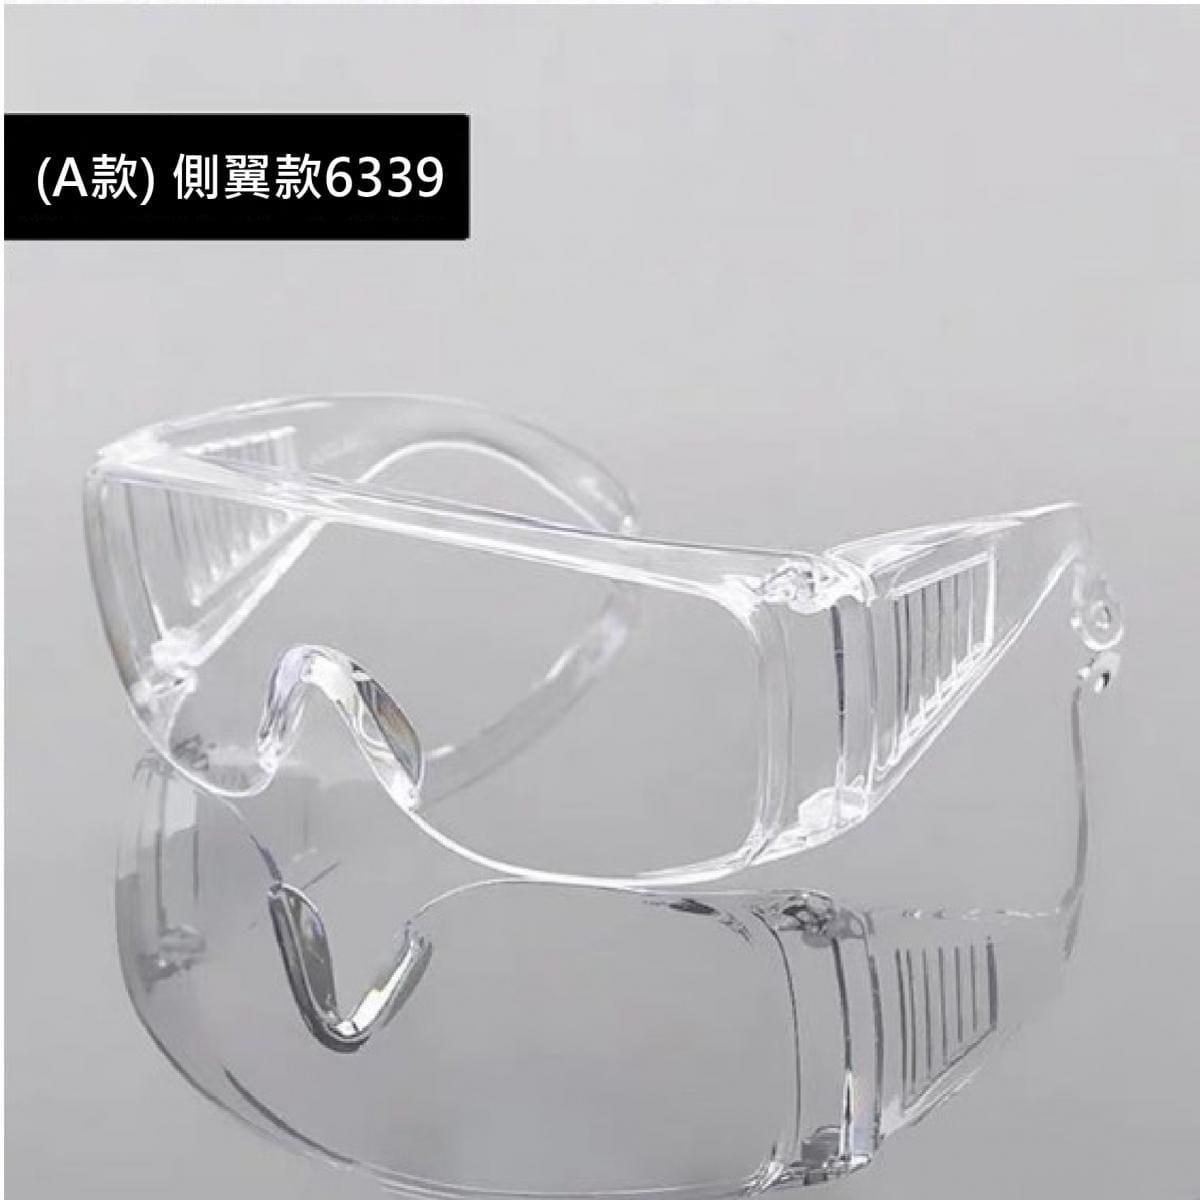 【英才星】台灣製防霧透明運動護目眼鏡 加贈眼鏡袋+眼鏡布 12